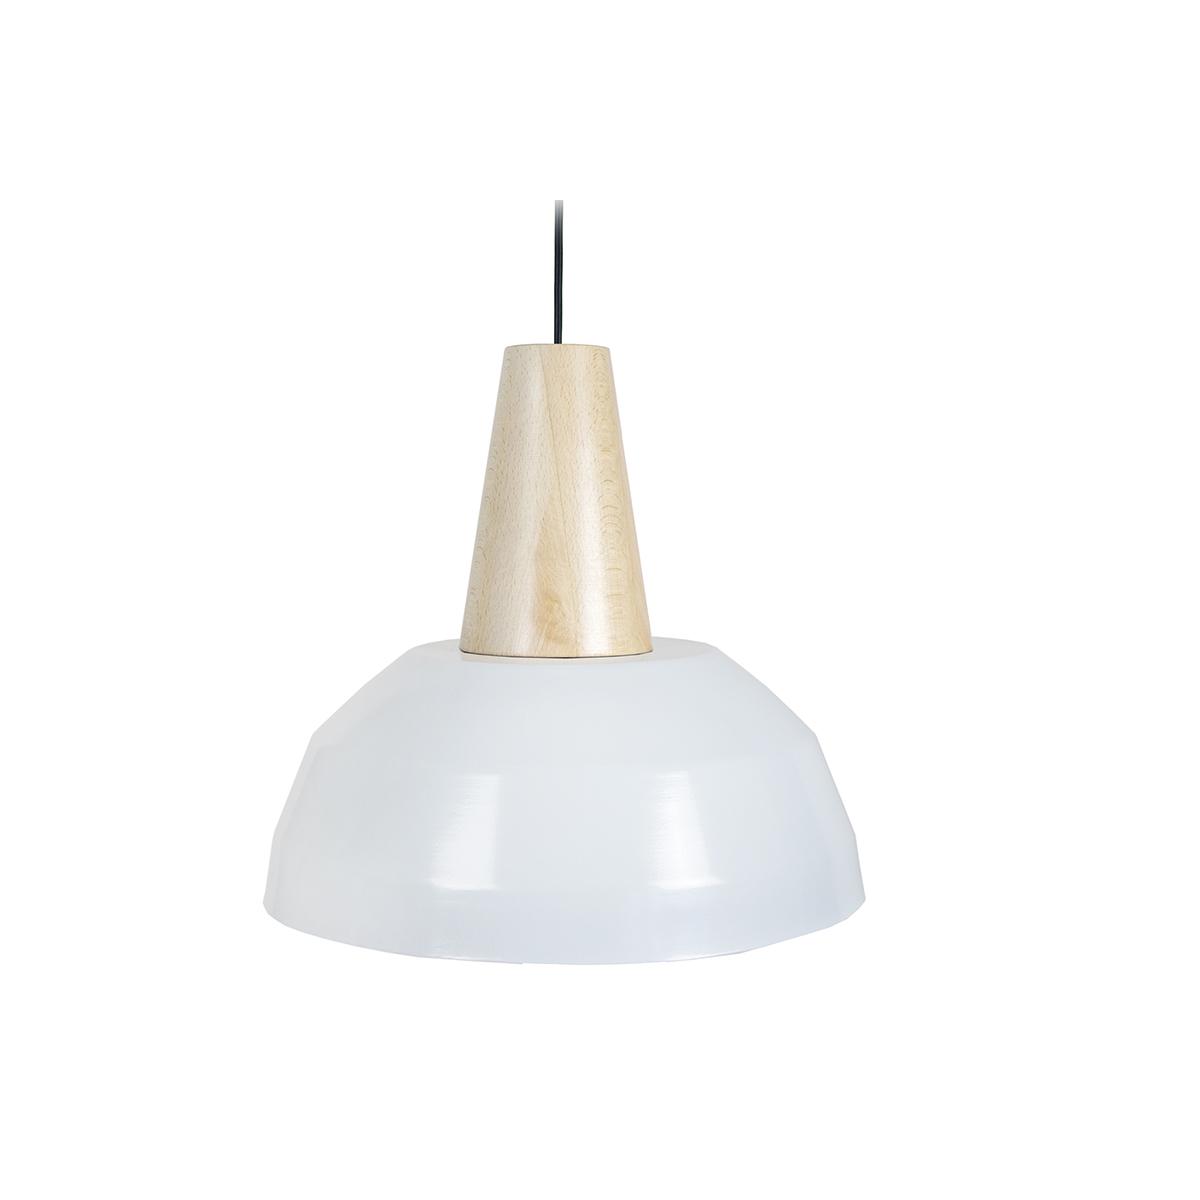 Lampadario design Bianco e legno PULSE